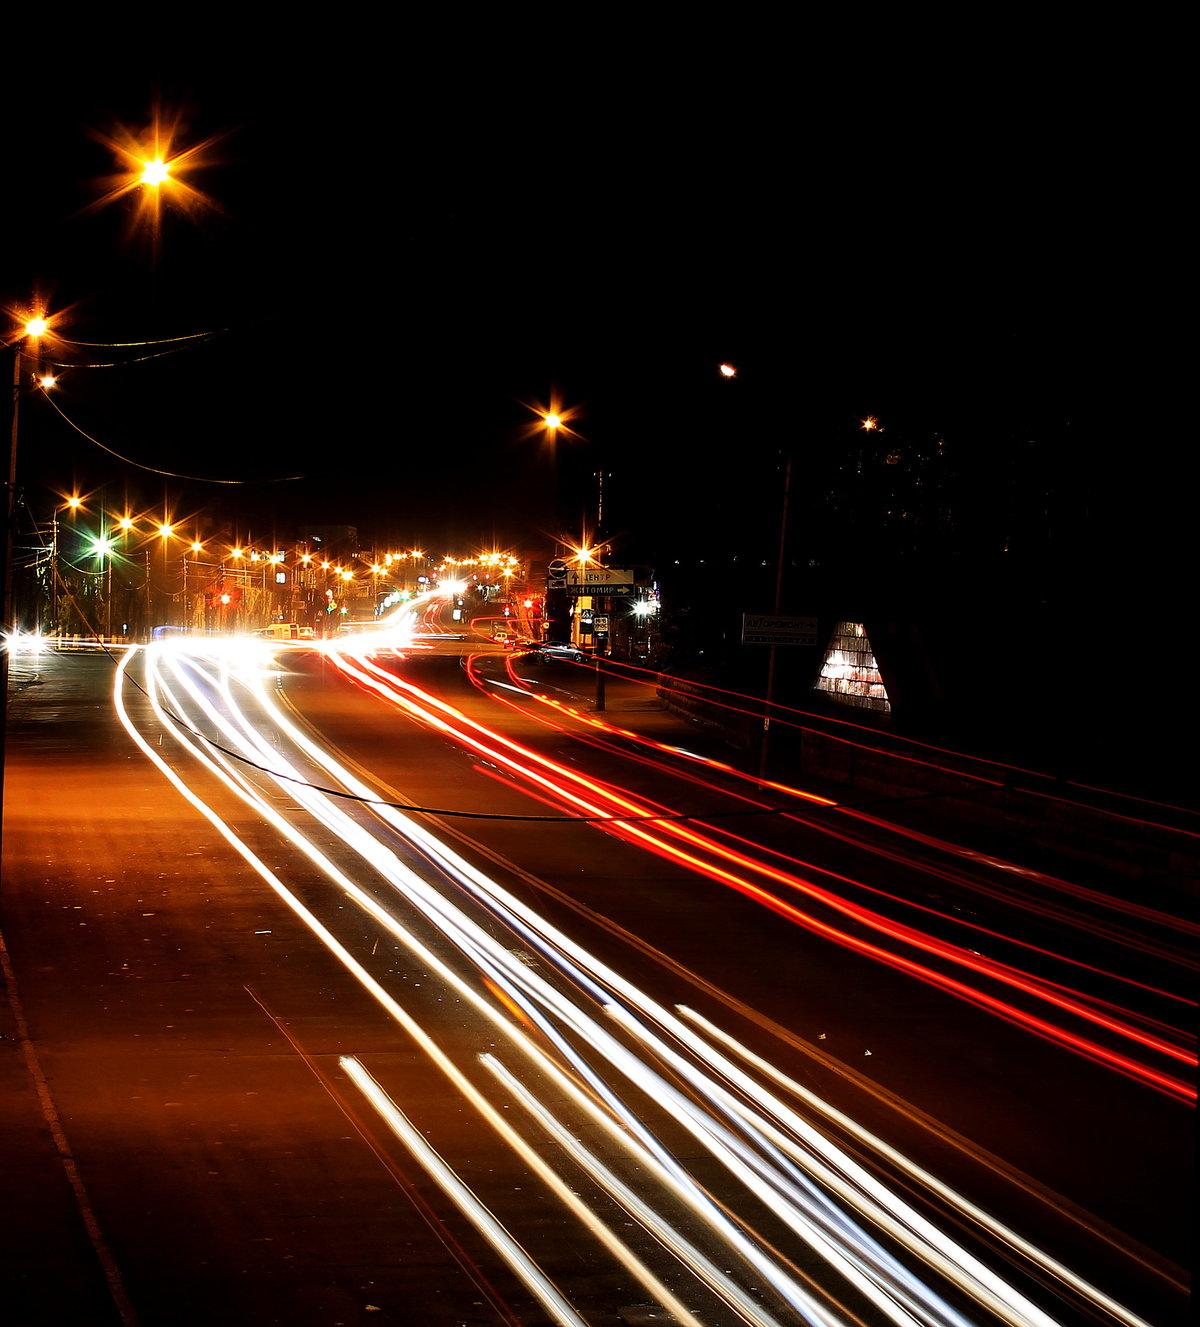 квартире хороший, фото ночного города с машины лоо